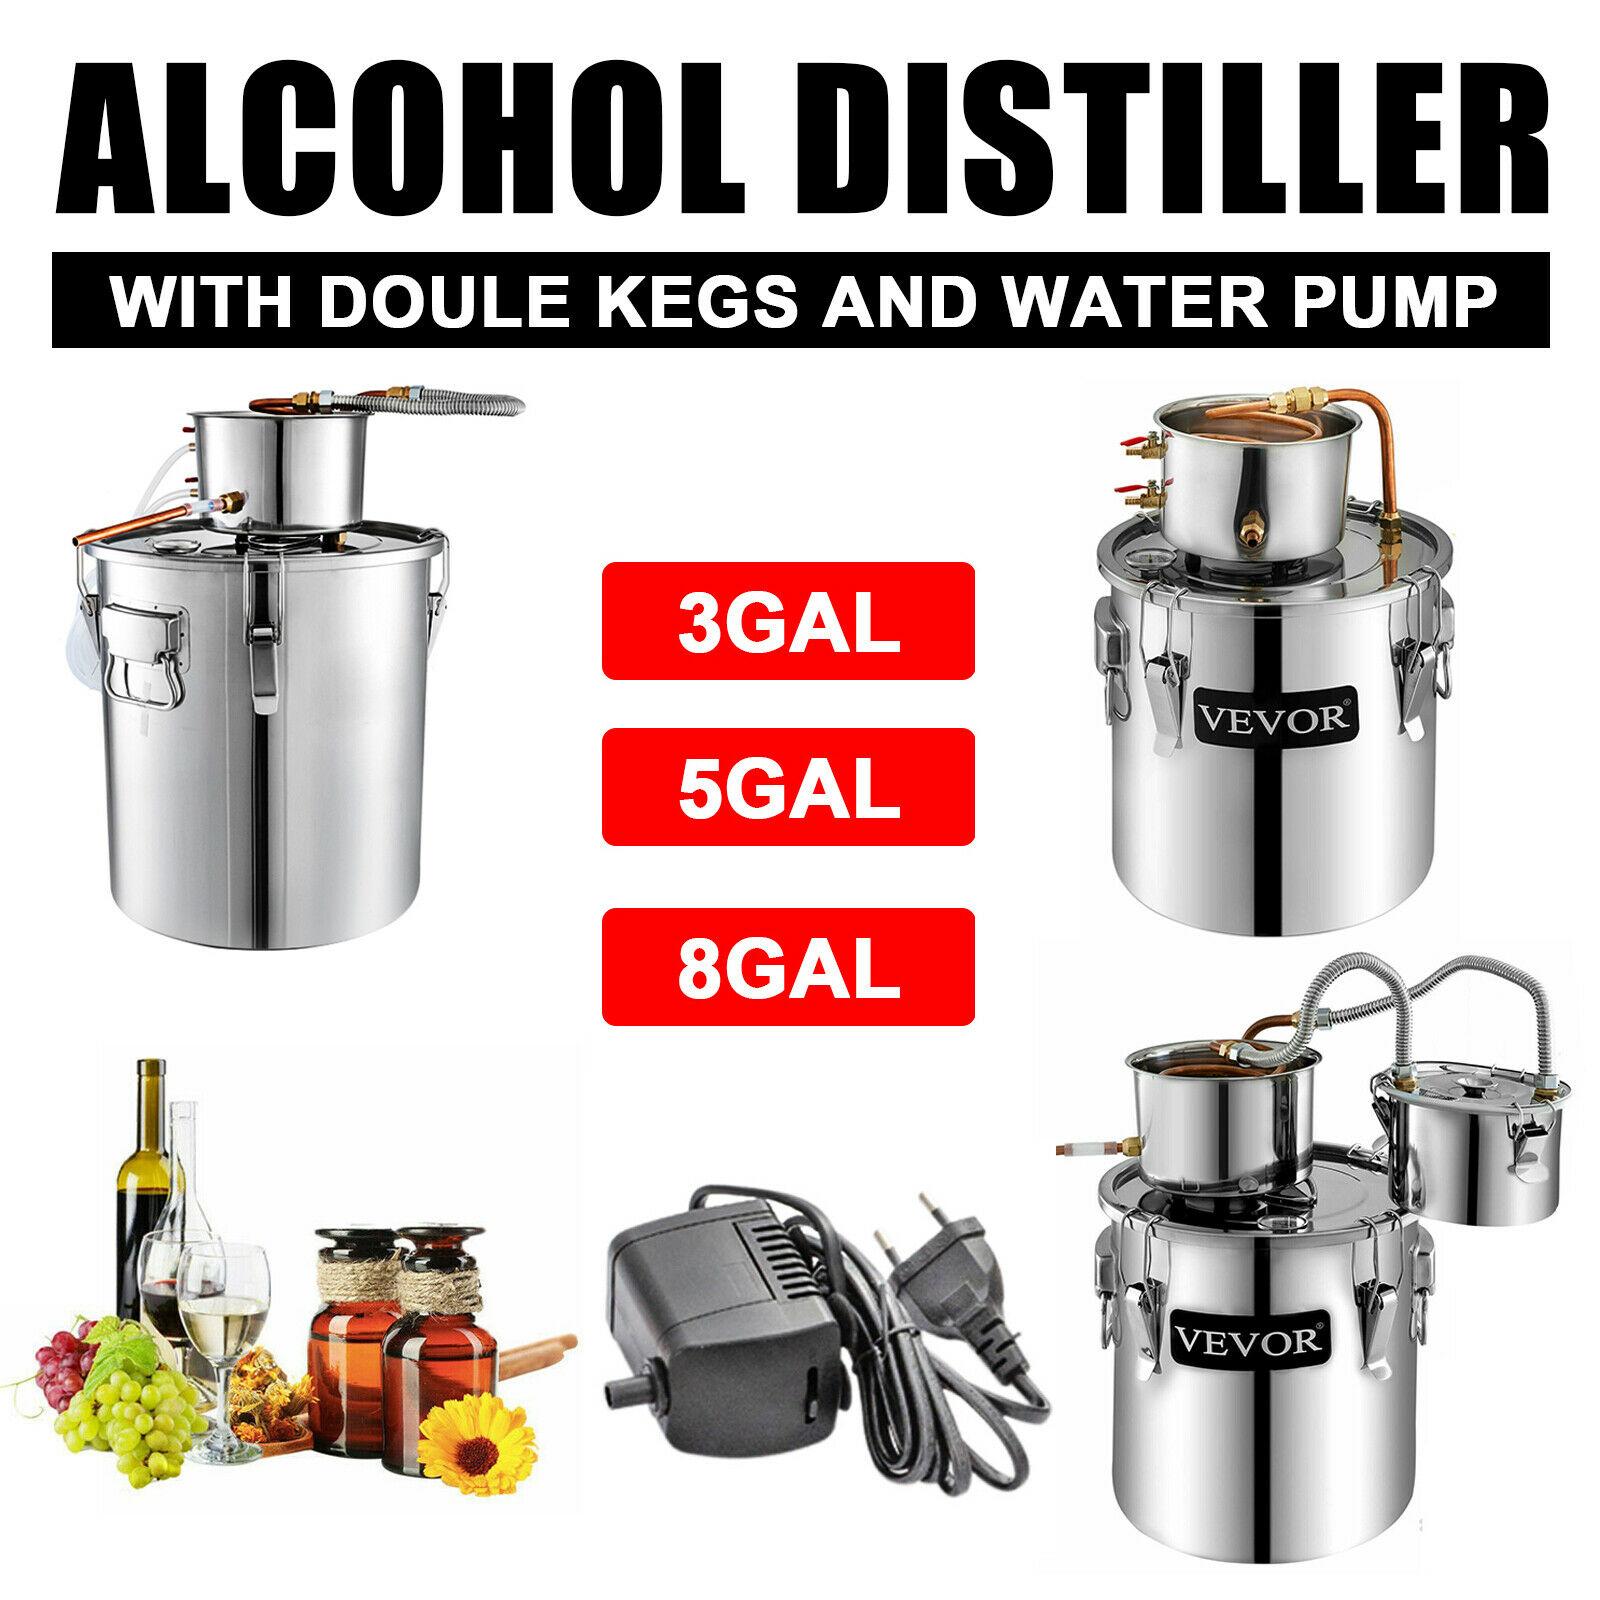 جهاز تقطير المياه المنزلية موزع الجعة ماكينة لبراندي النبيذ VEVOR 3.3/5.5/9.6 غال مون شاين لا يزال الكحول